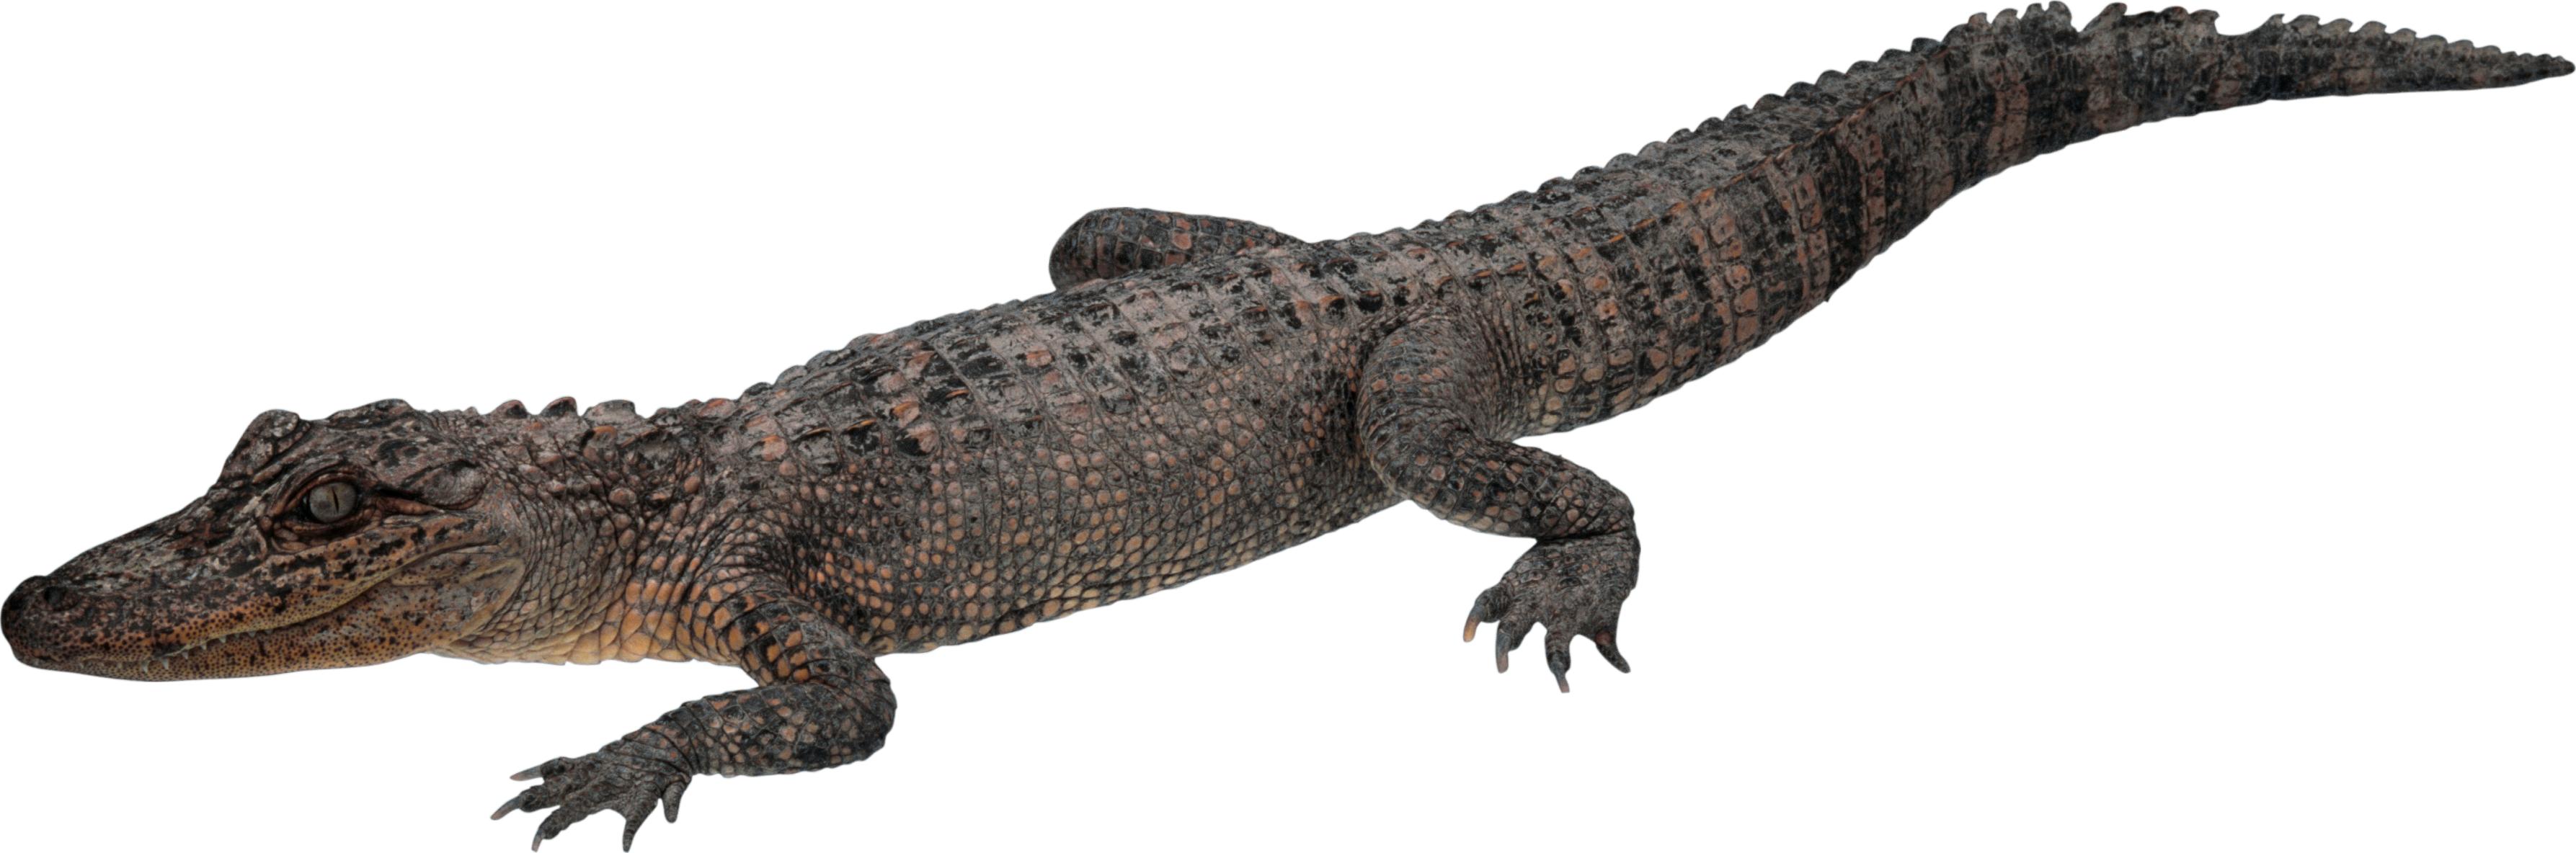 Crocodile PNG - 19888